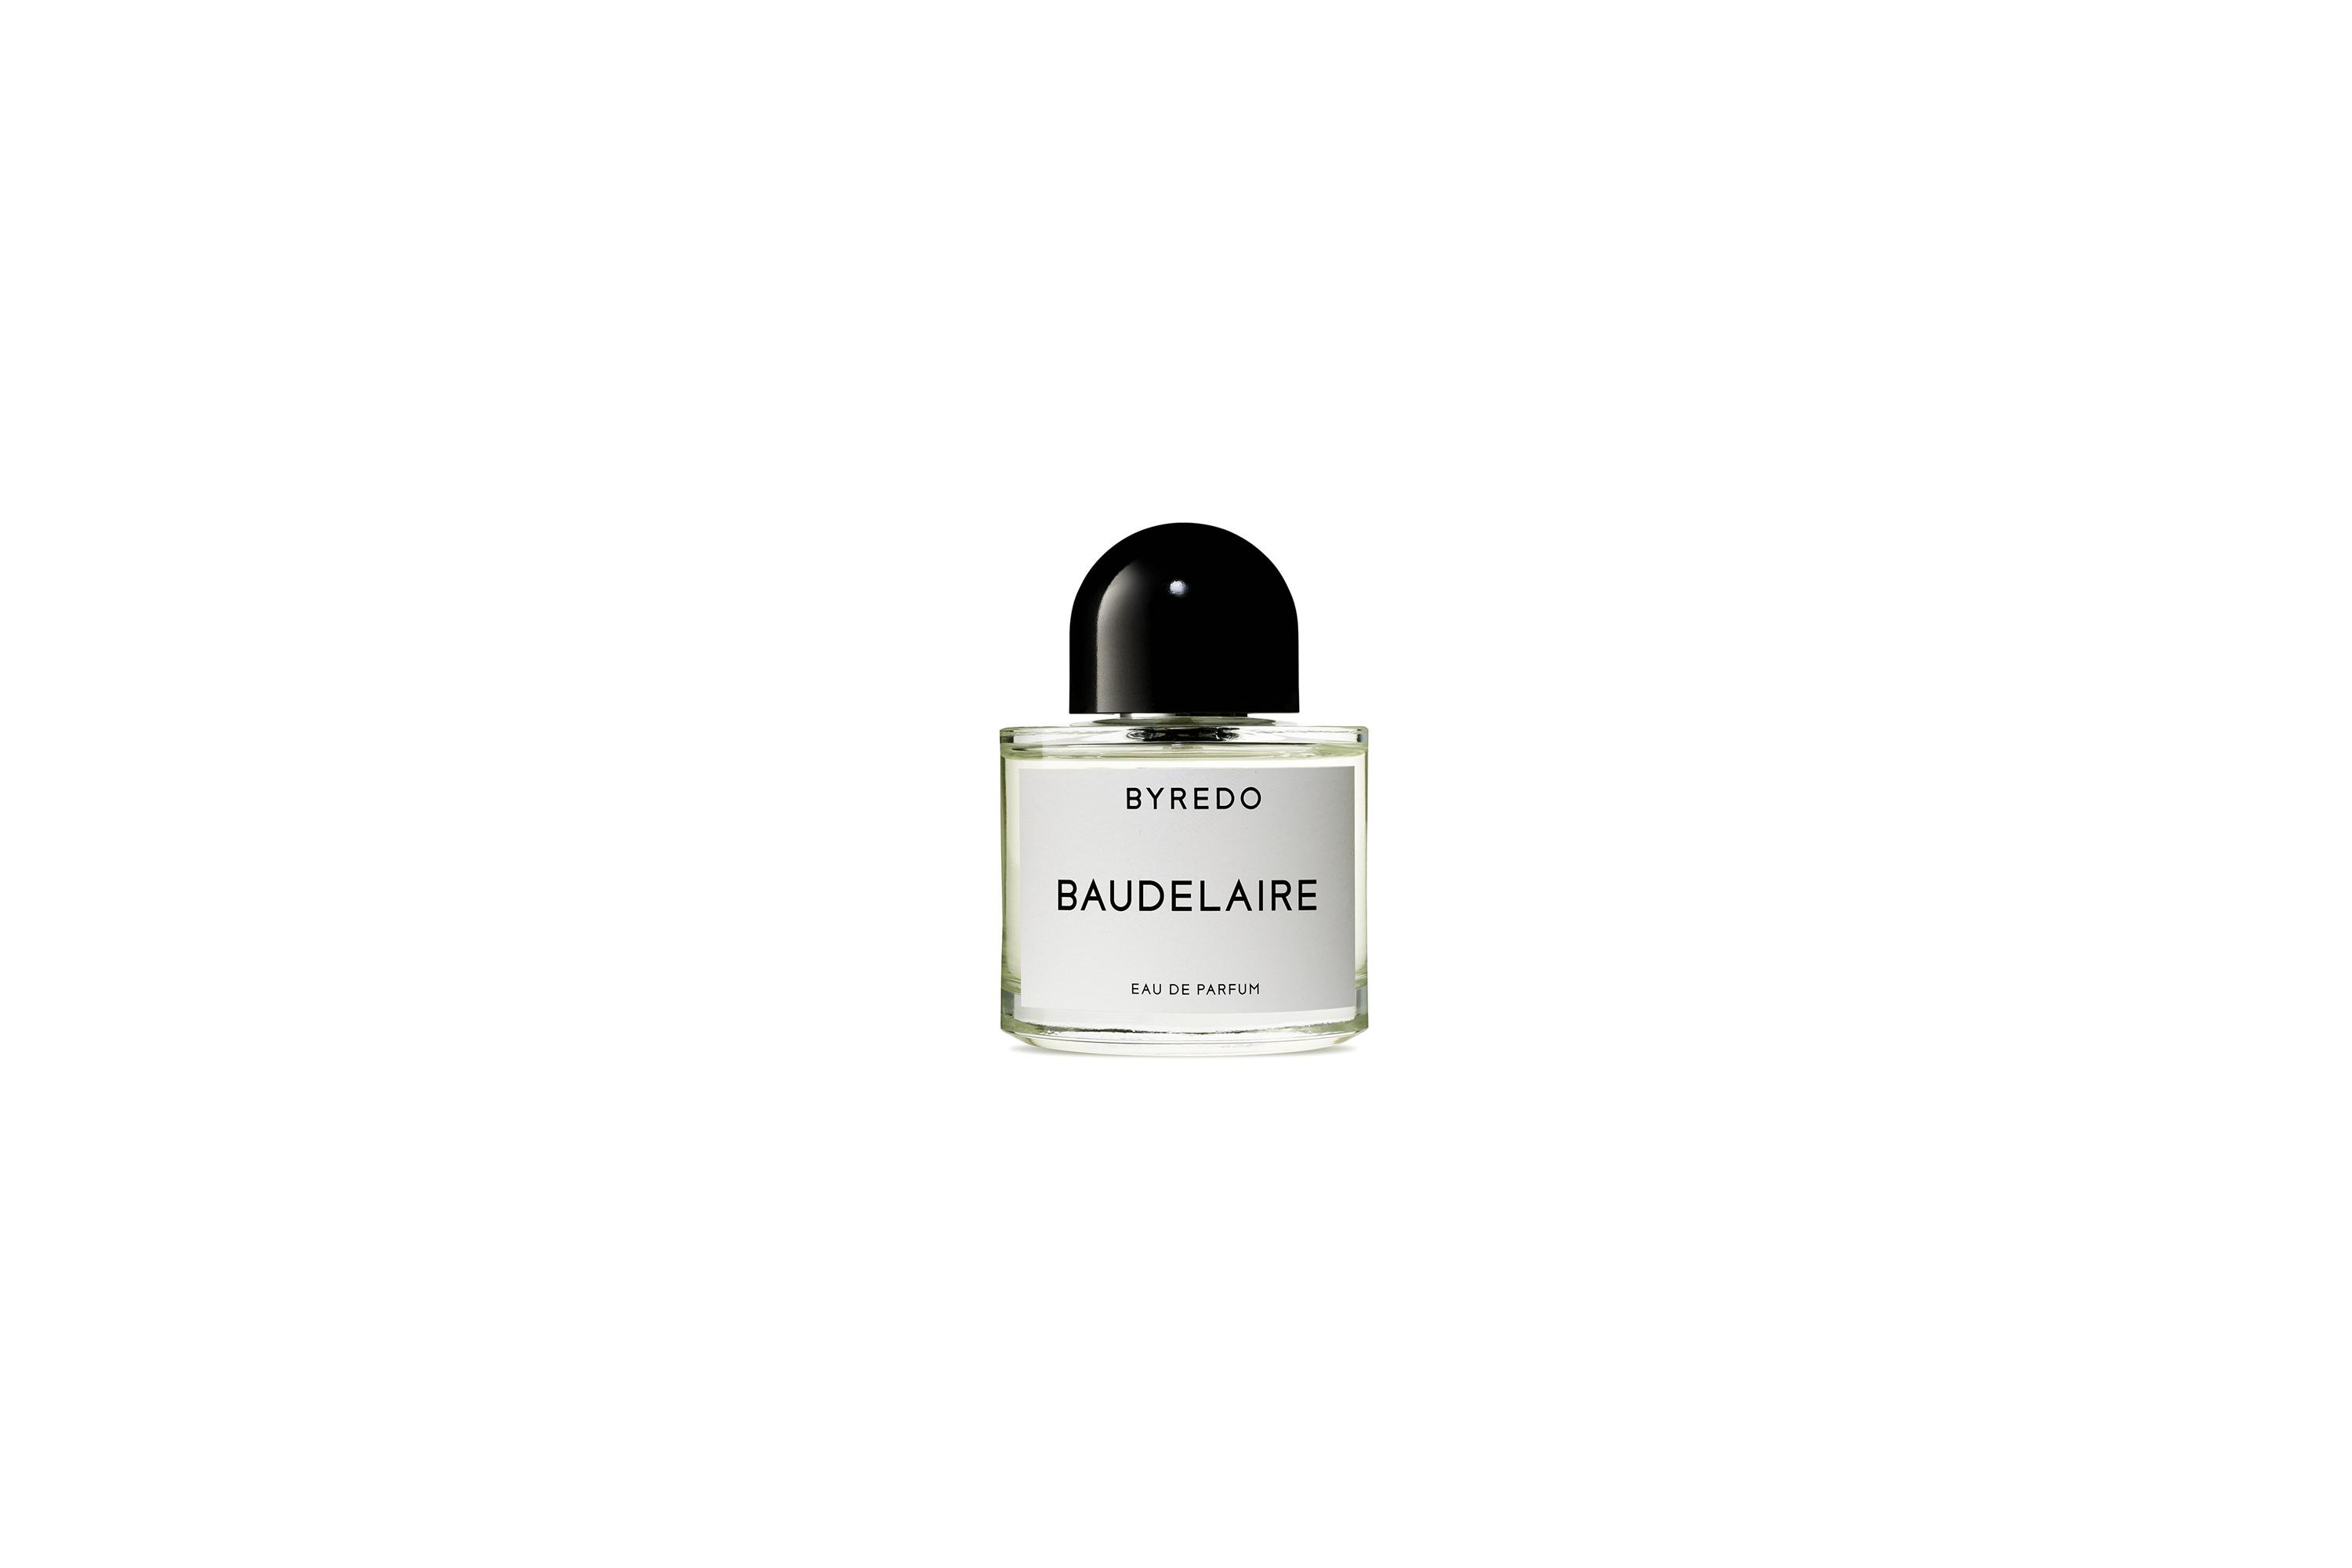 Baudelaire Eau de Parfum 50ml